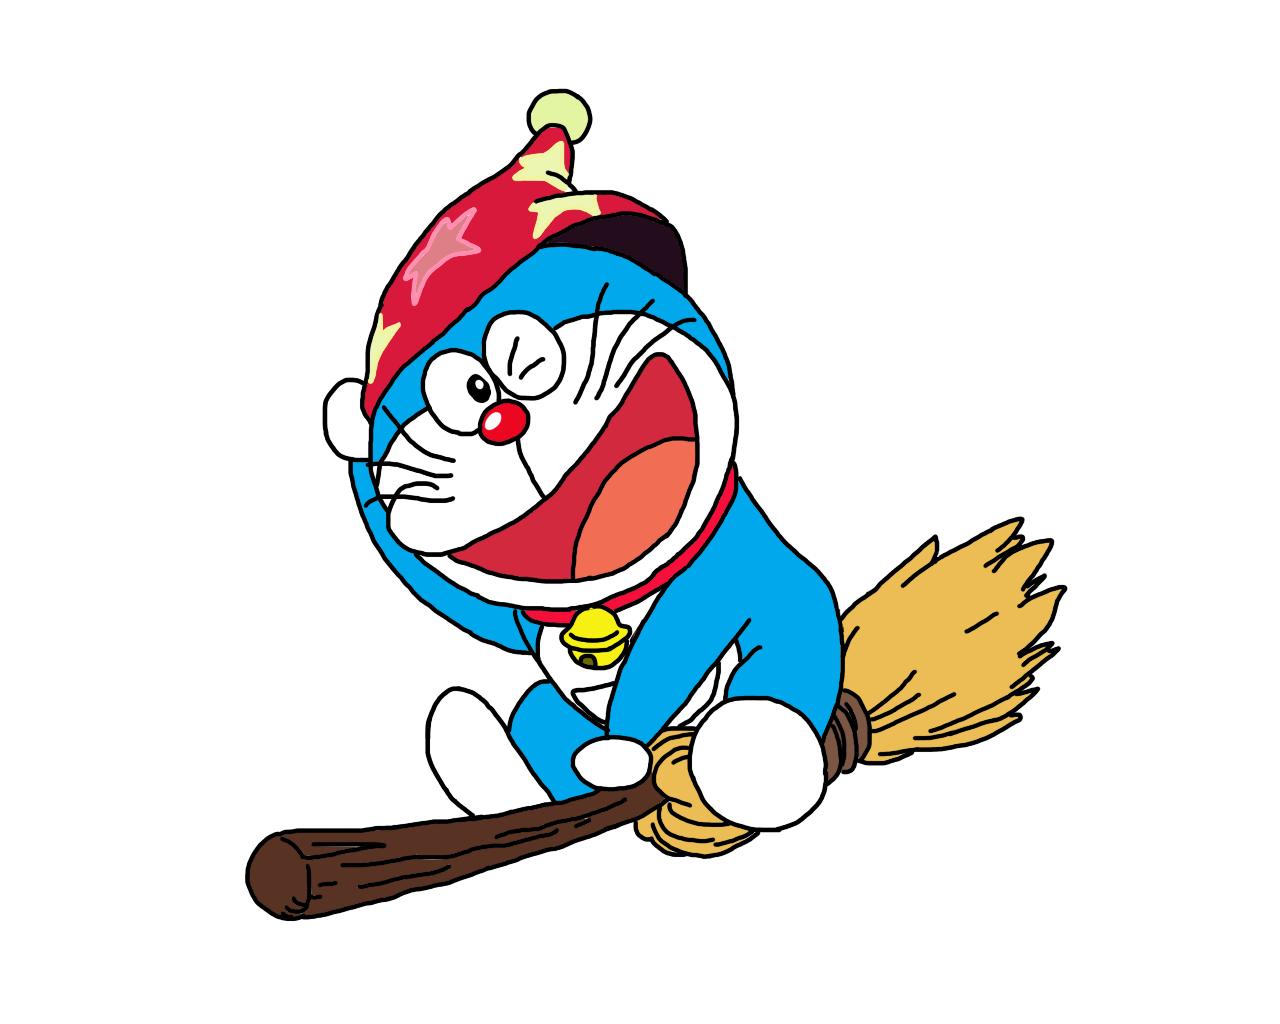 Doraemon Large Images